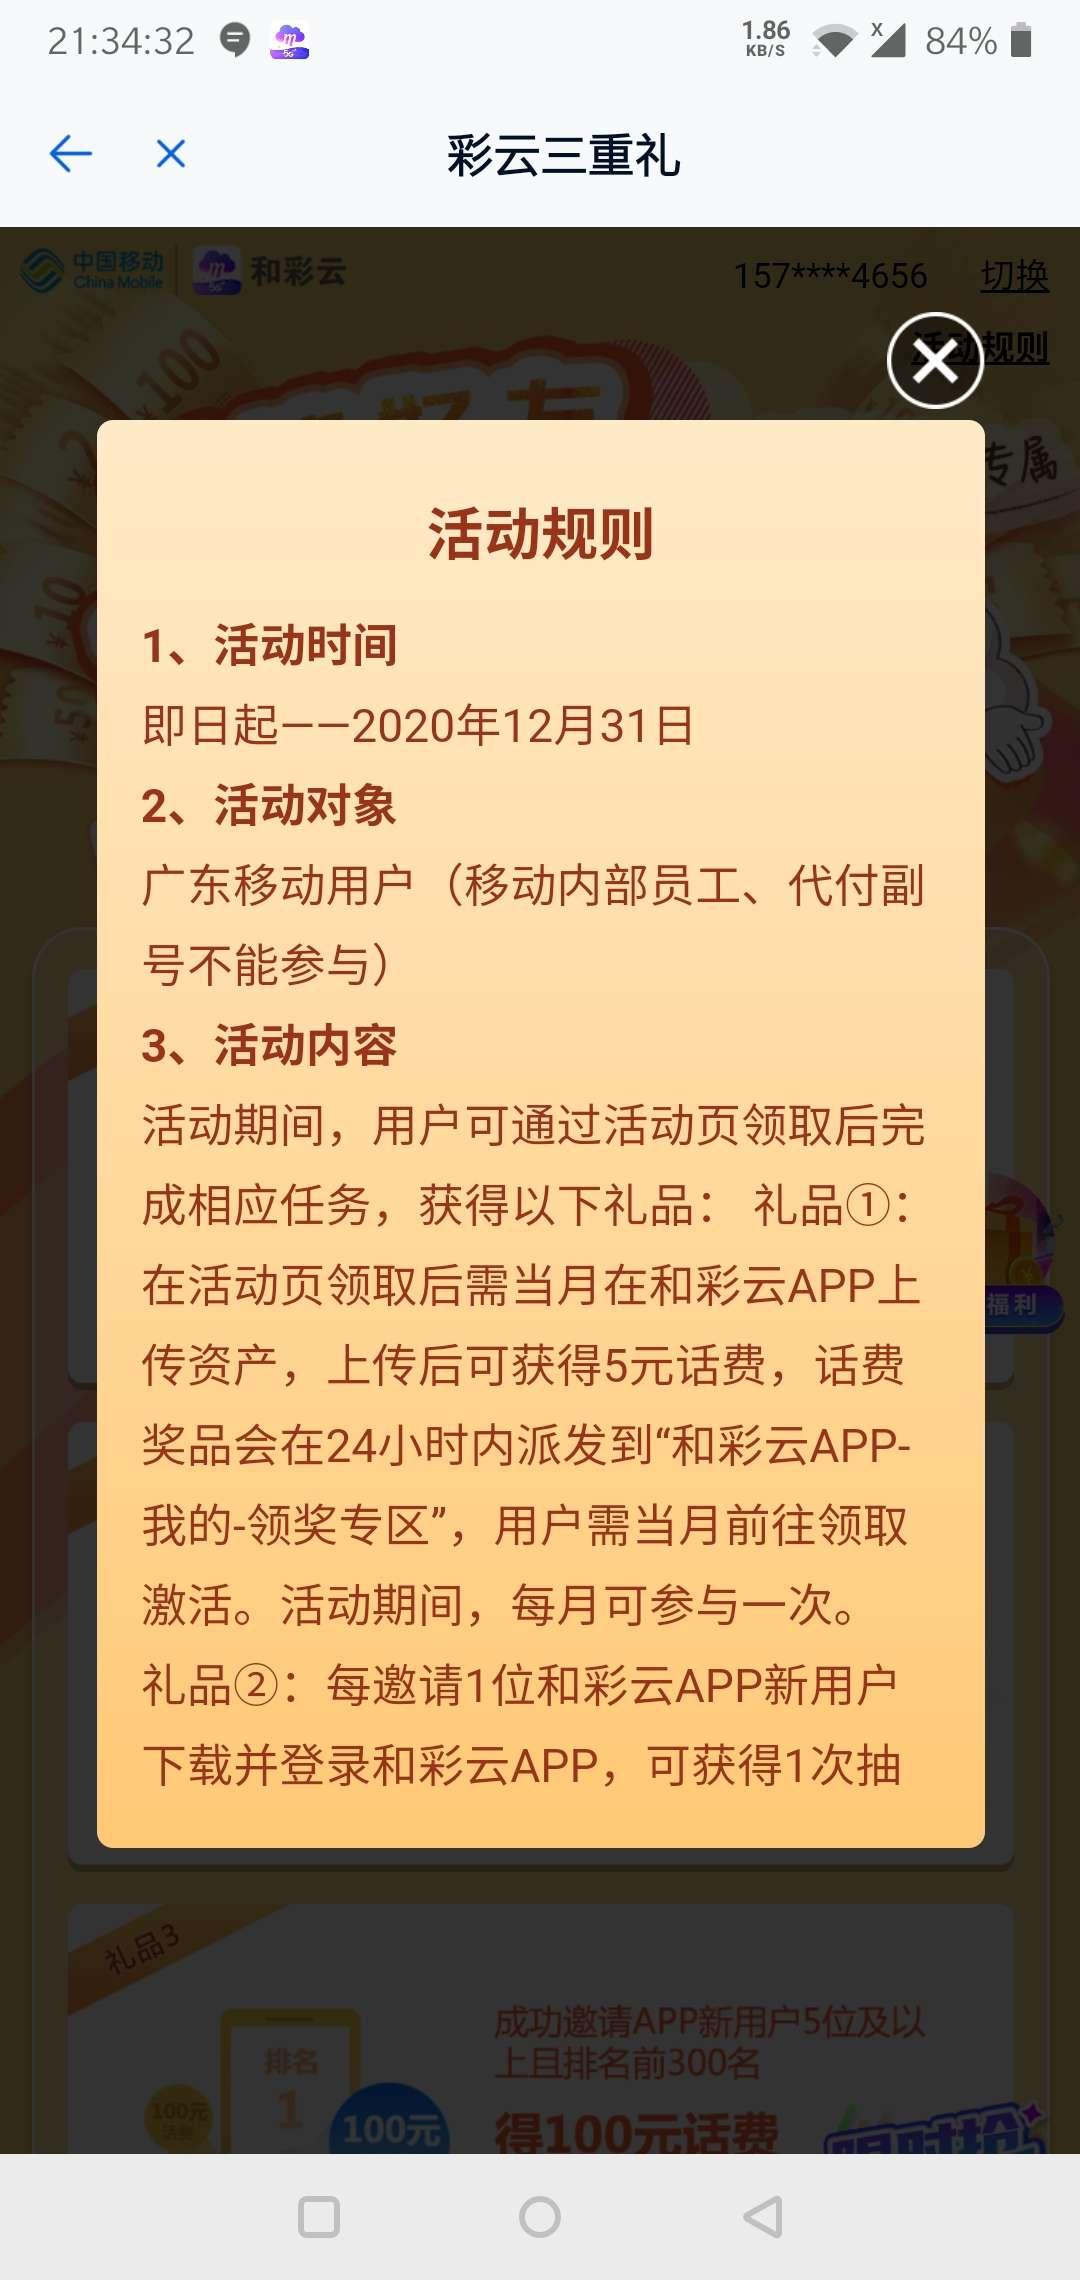 图片[2]-和彩云网盘必得5话费限广东移动-老友薅羊毛活动线报网